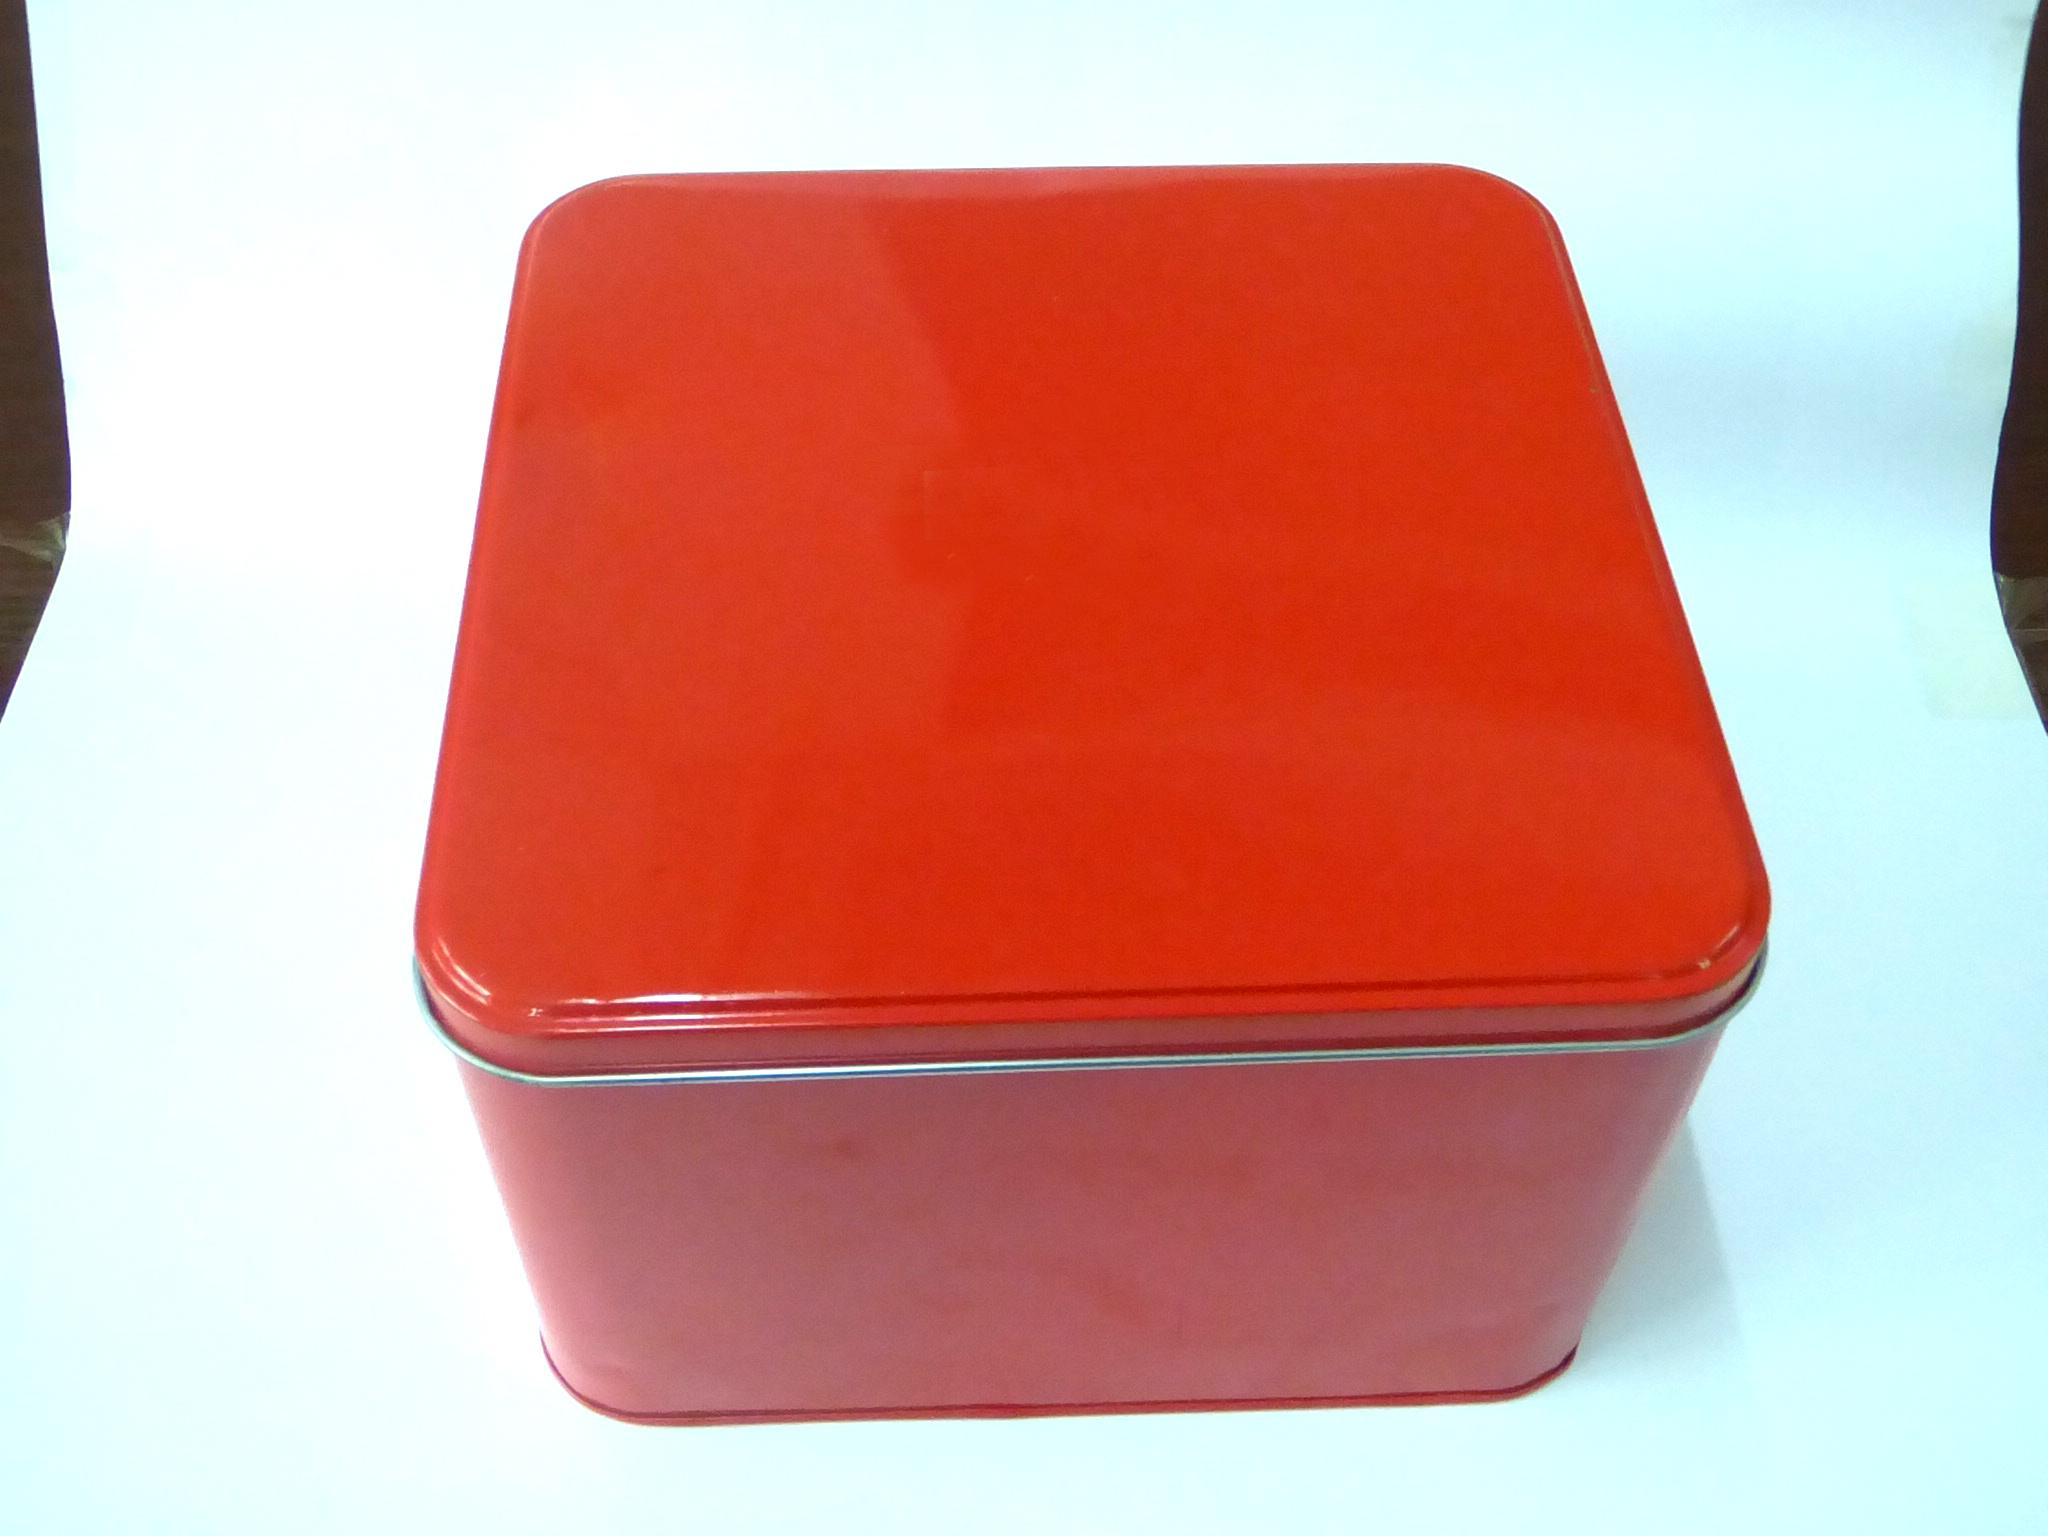 罐马口铁盒马口铁罐-乐达嘉五金罐业金属包装 惠州乐达嘉铁盒  摩配  摩配 175套缸 铁盒